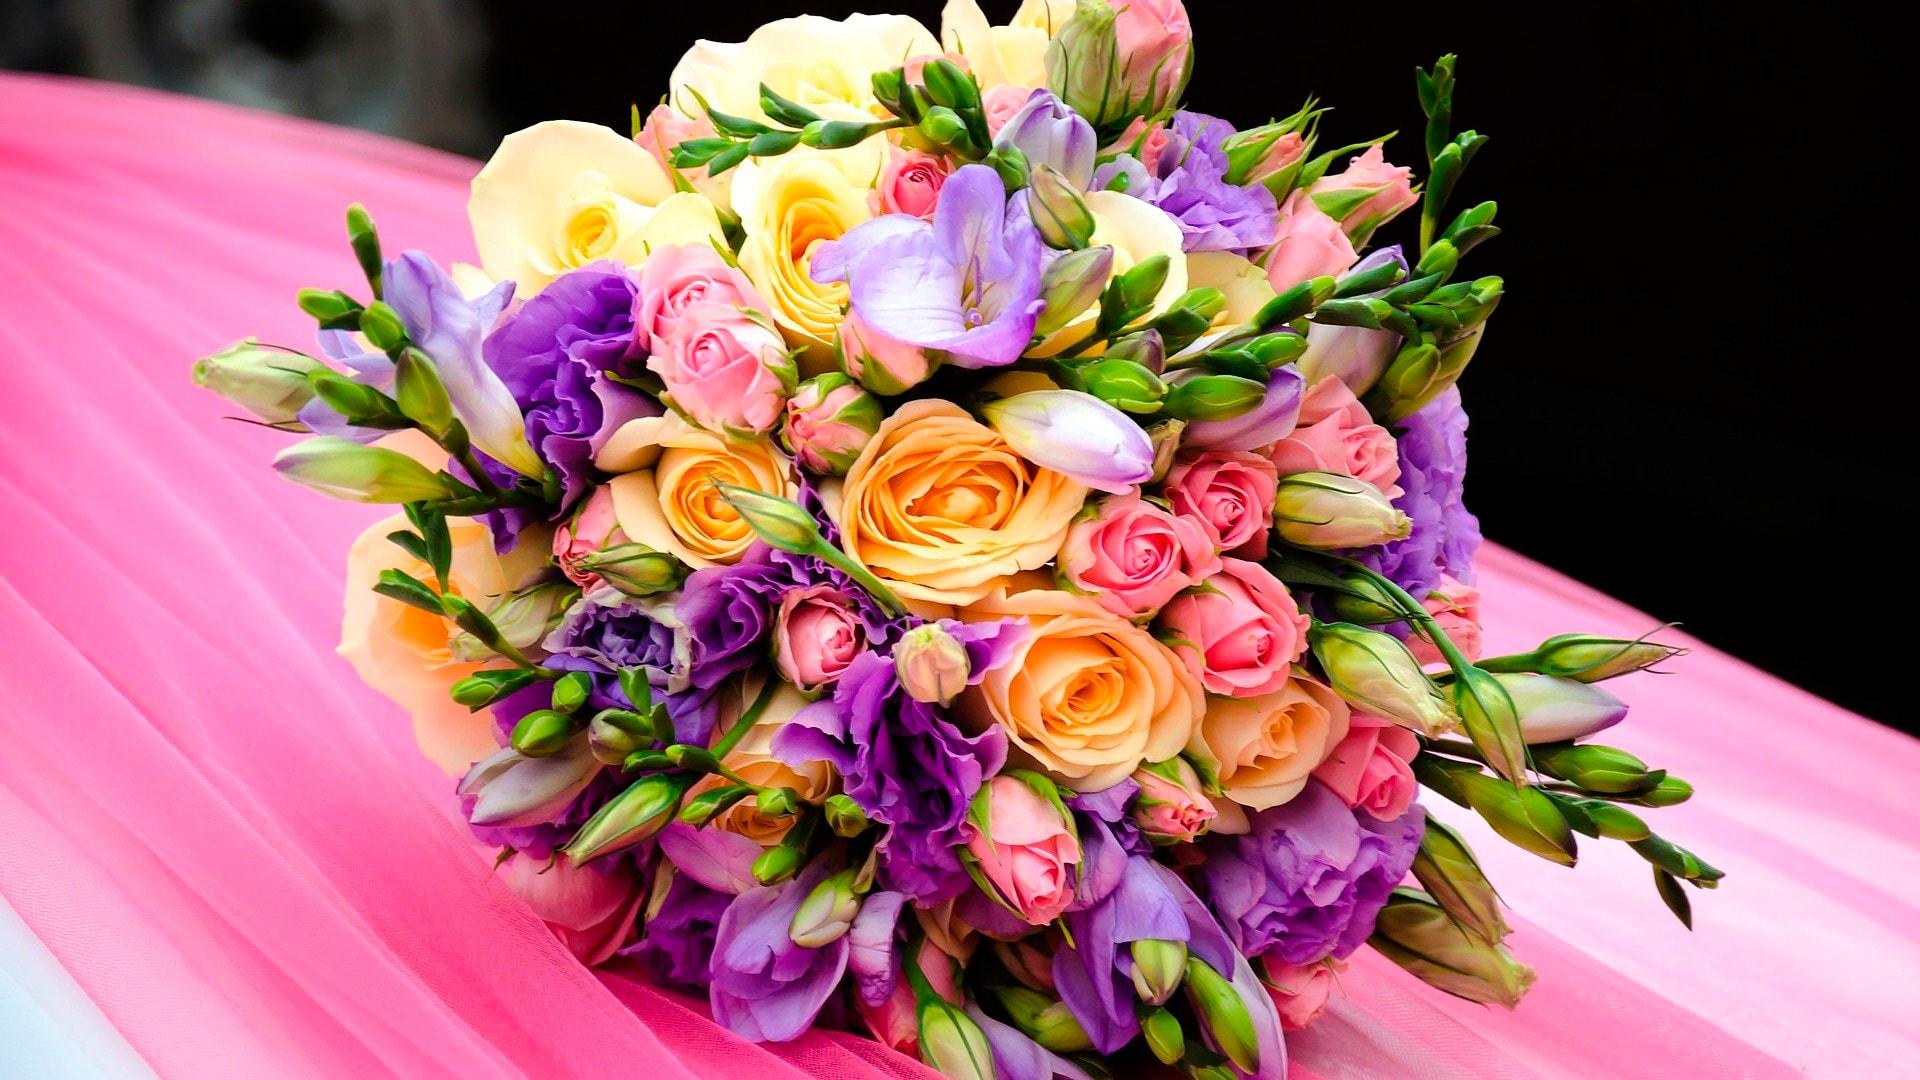 Картинки цветы на подоконнике